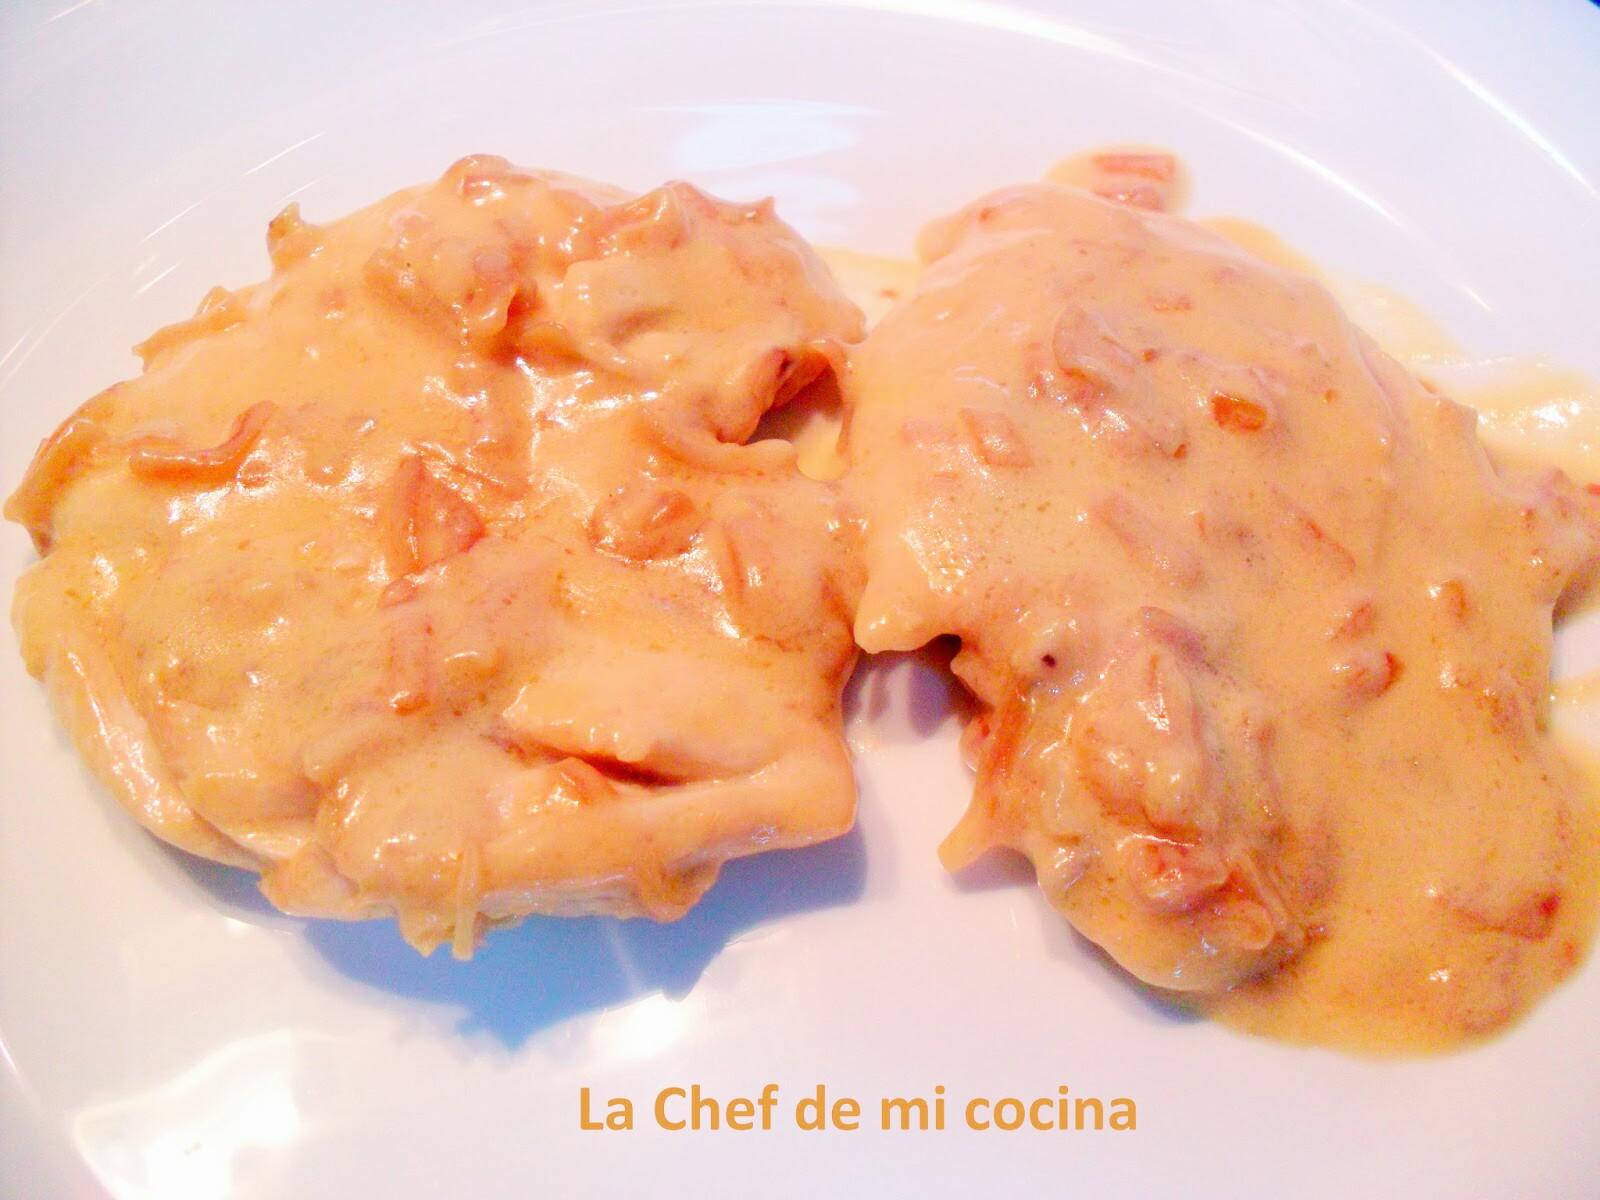 Pollo con salsa de queso multicook pro de tefal - Tefal multicook pro recetas ...